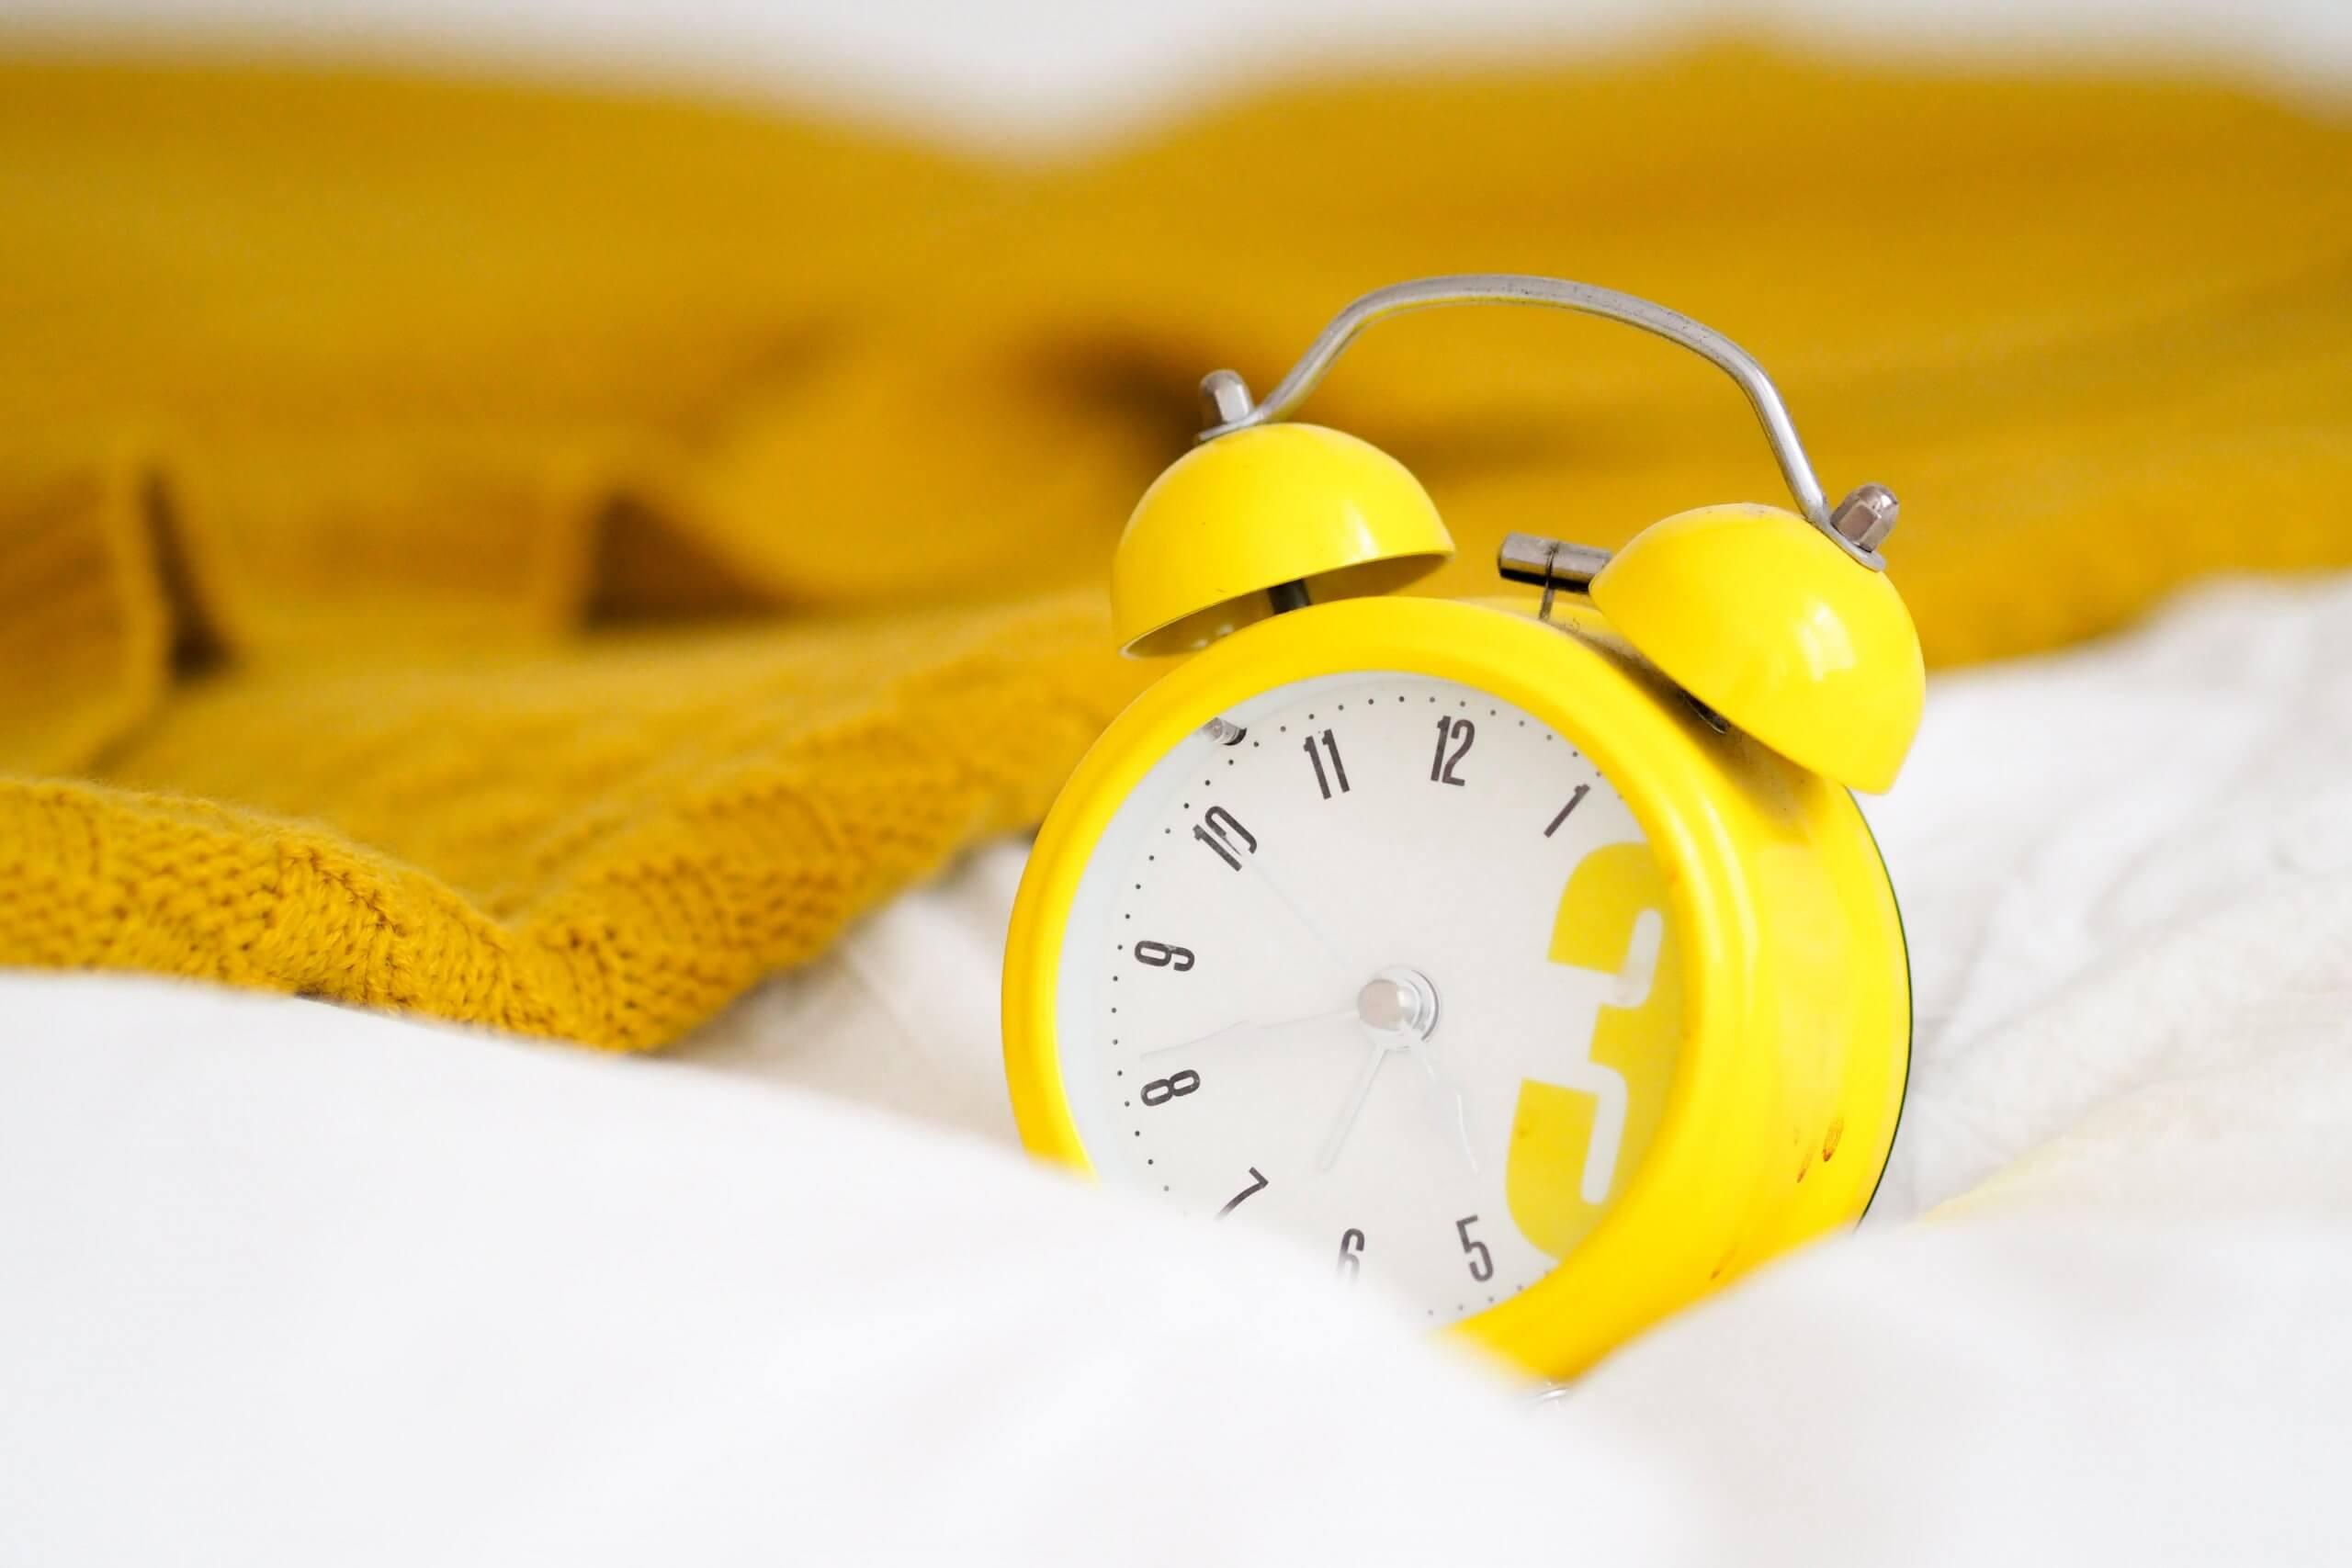 żółty budzik